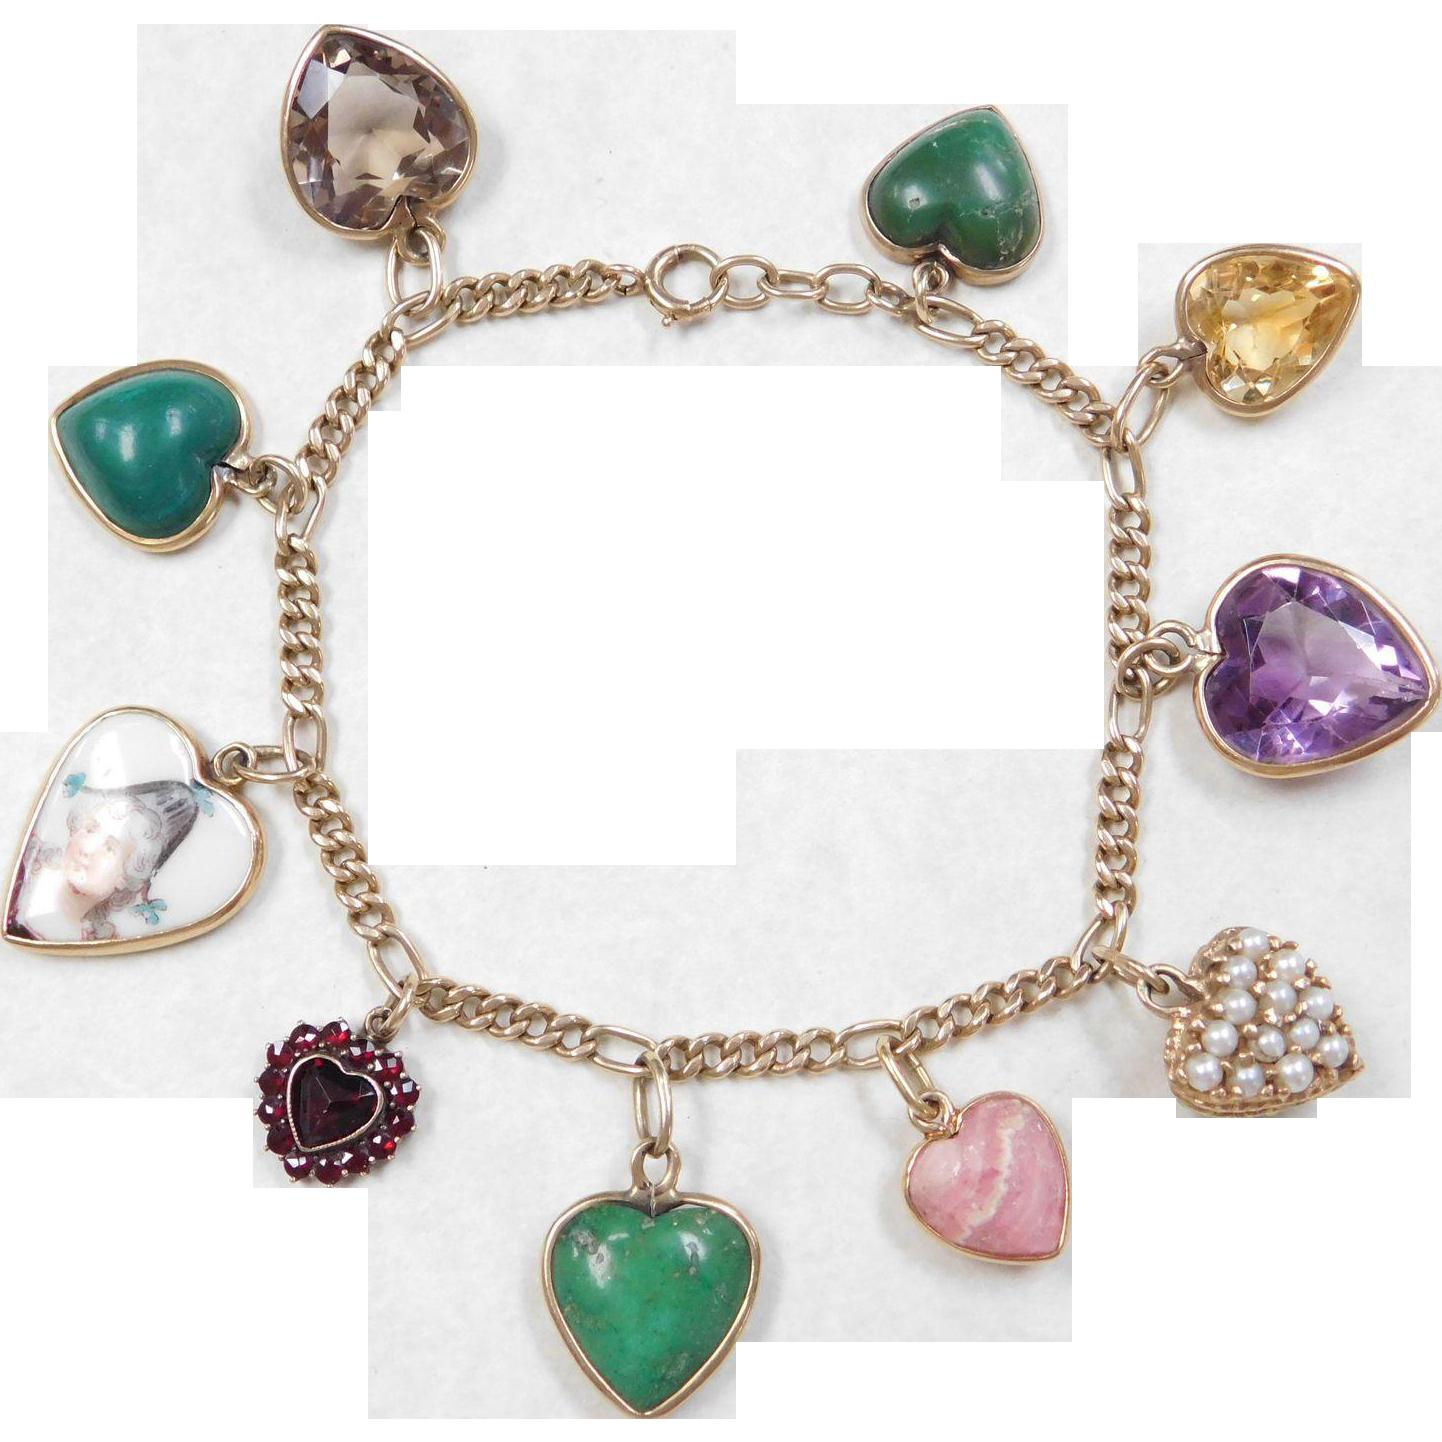 Vintage 14k Gold Charm Bracelet: Vintage 14k Gold Gemstone Heart Charm Bracelet